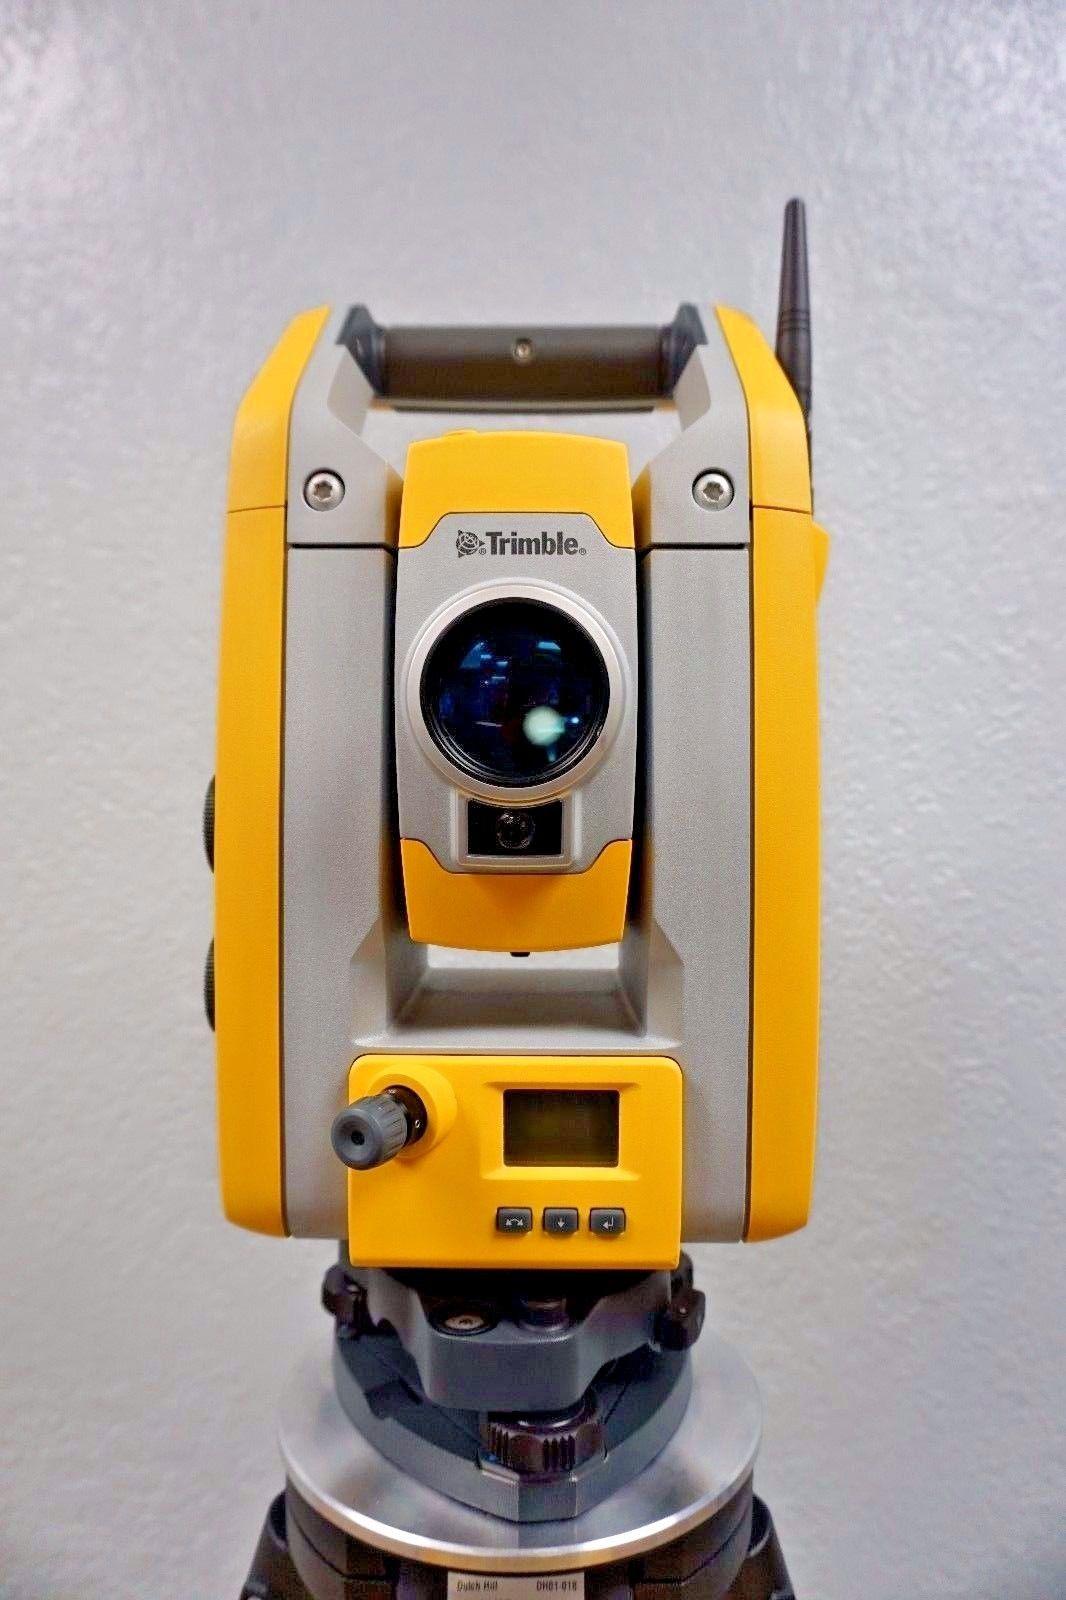 Trimble S5 Dr Plus Robotic Total Station 5 Sec Tsc3